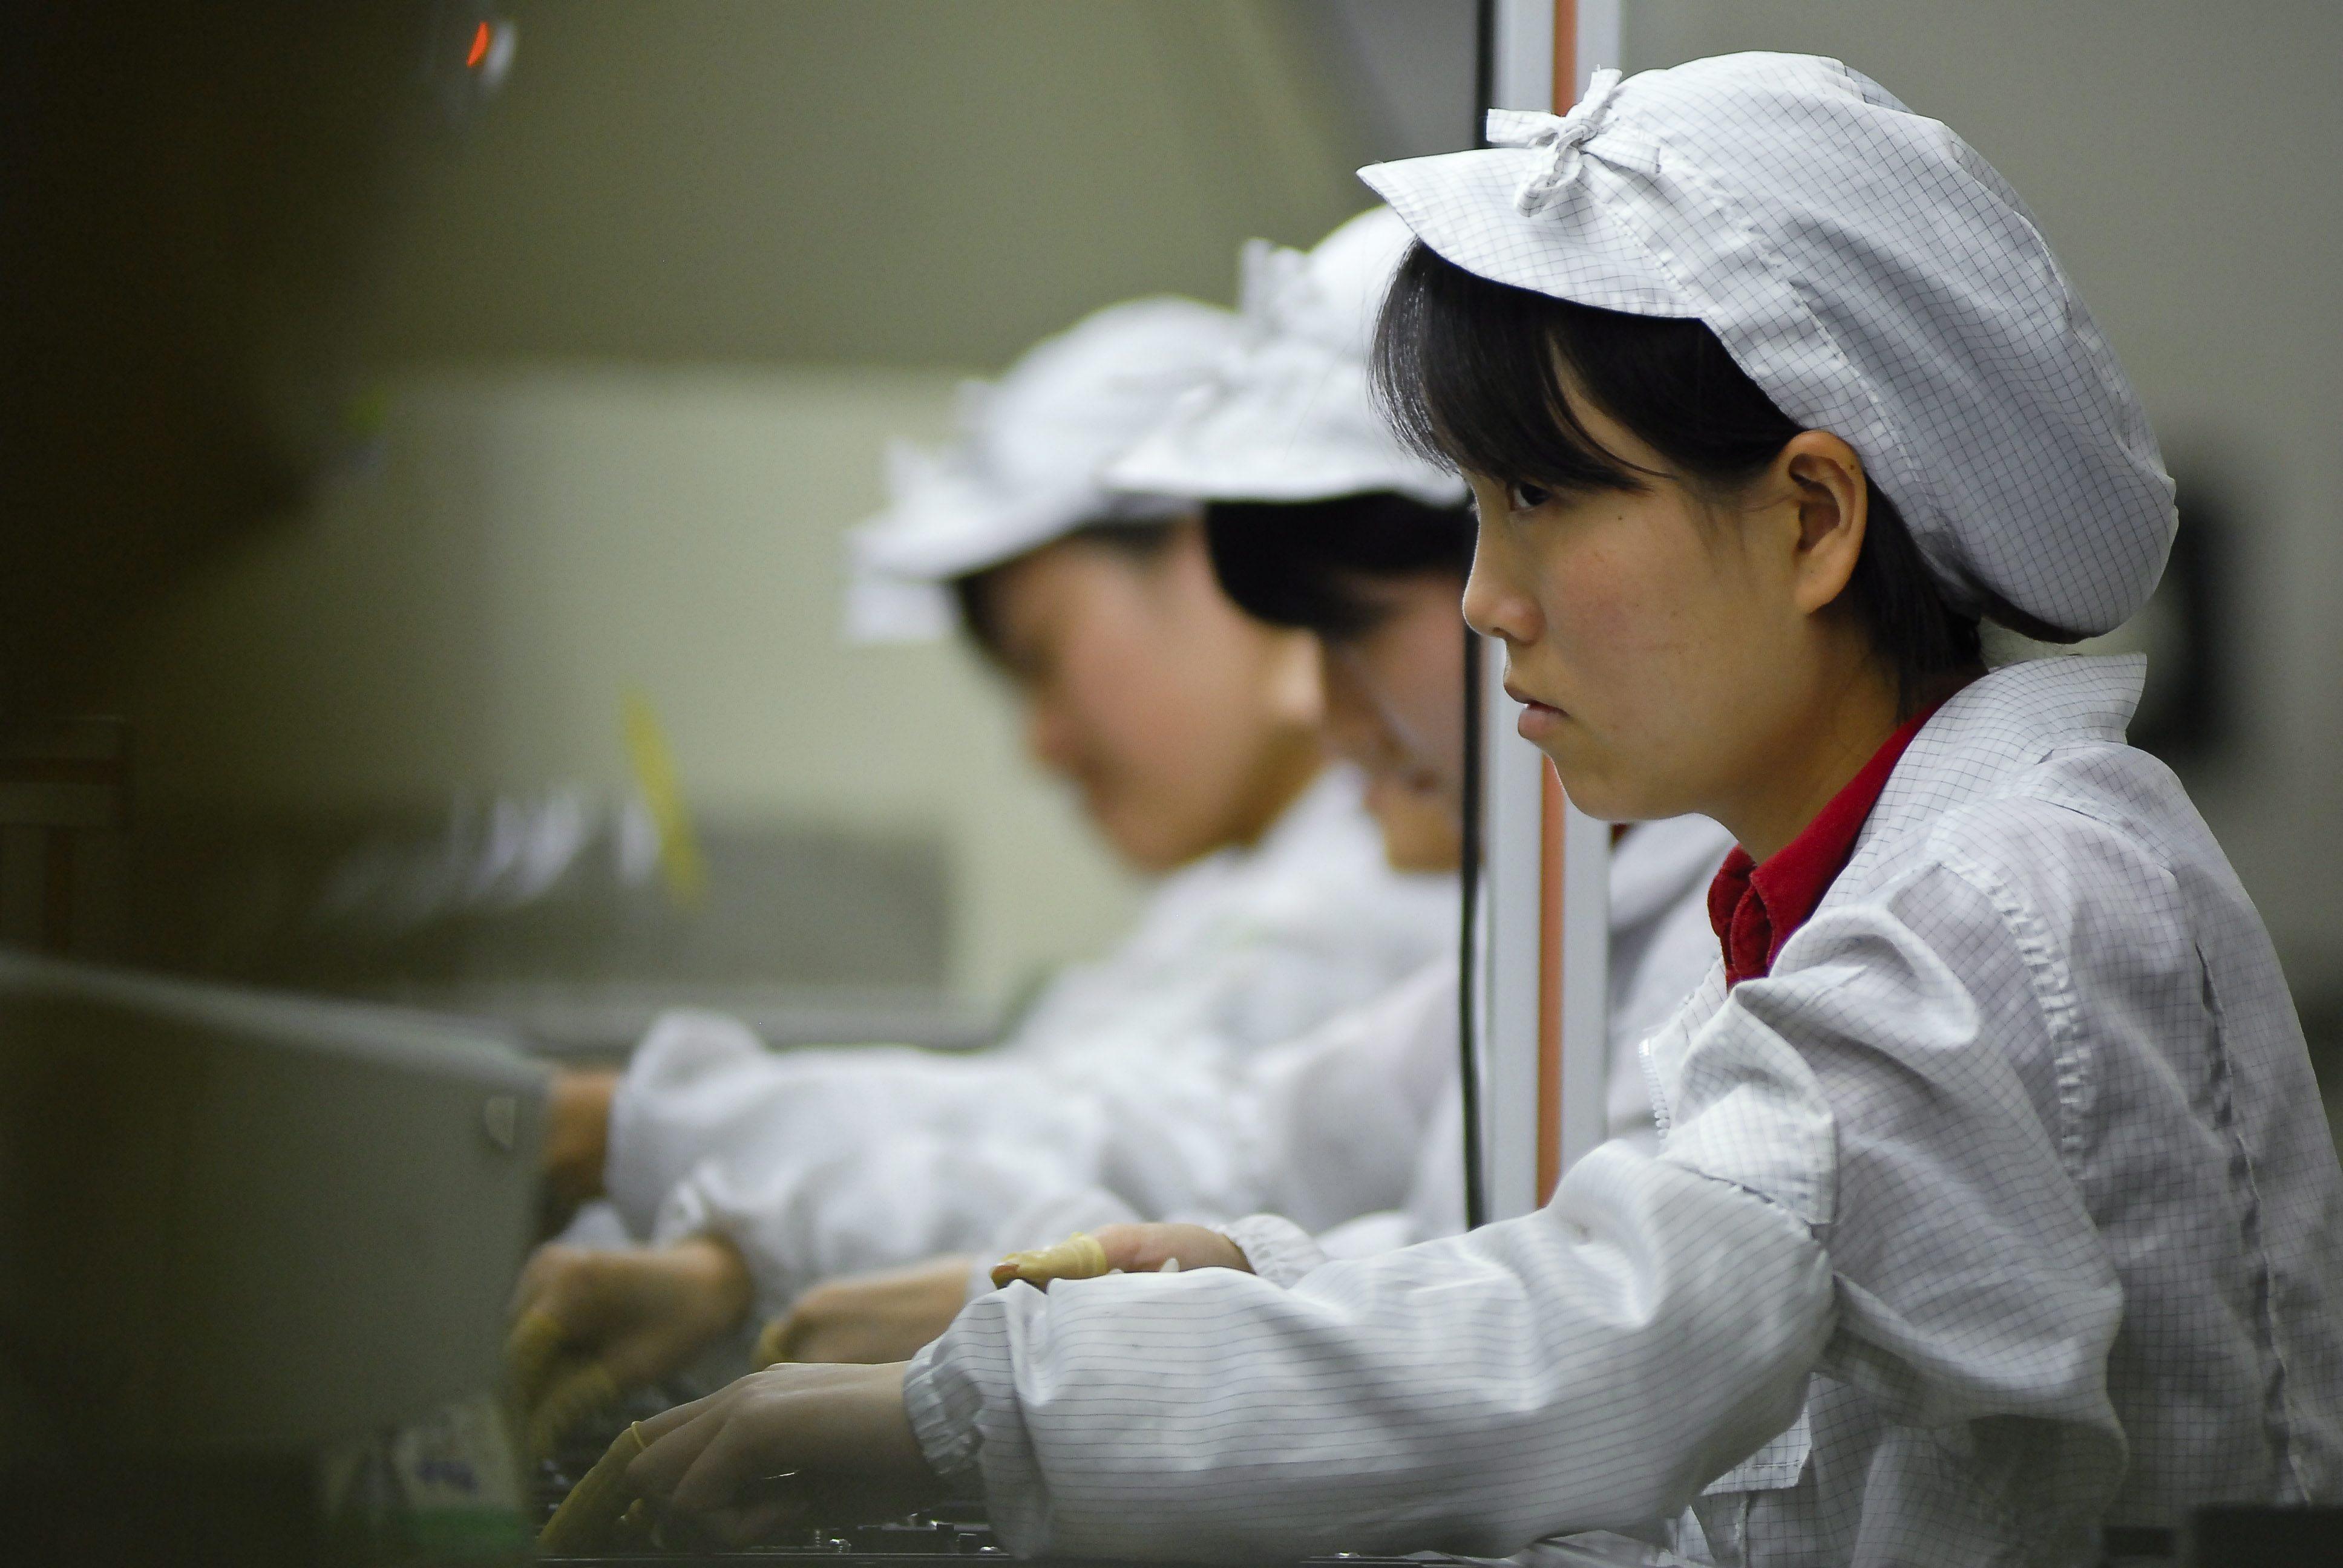 Вдигат заплатите на работниците, произвеждащи устройства на Apple